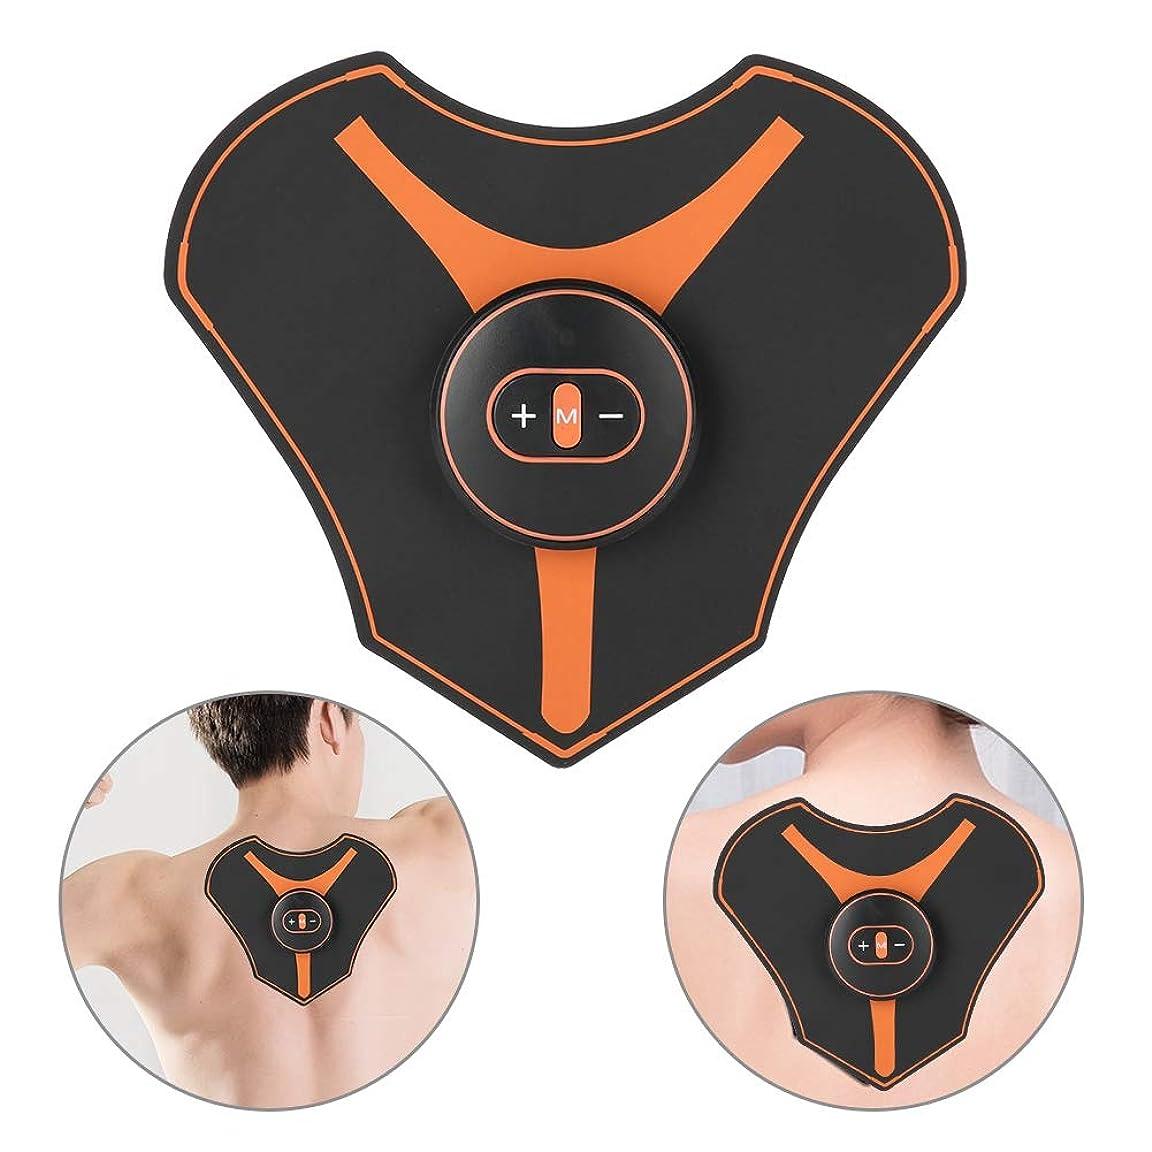 大佐ヒロインに慣れ頸部マッサージパッド、ミニ頸部マッサージャー多機能ショルダーネックマッサージパッド頸椎は、肩、背中、足、足、体の筋肉痛のためにリラックスします